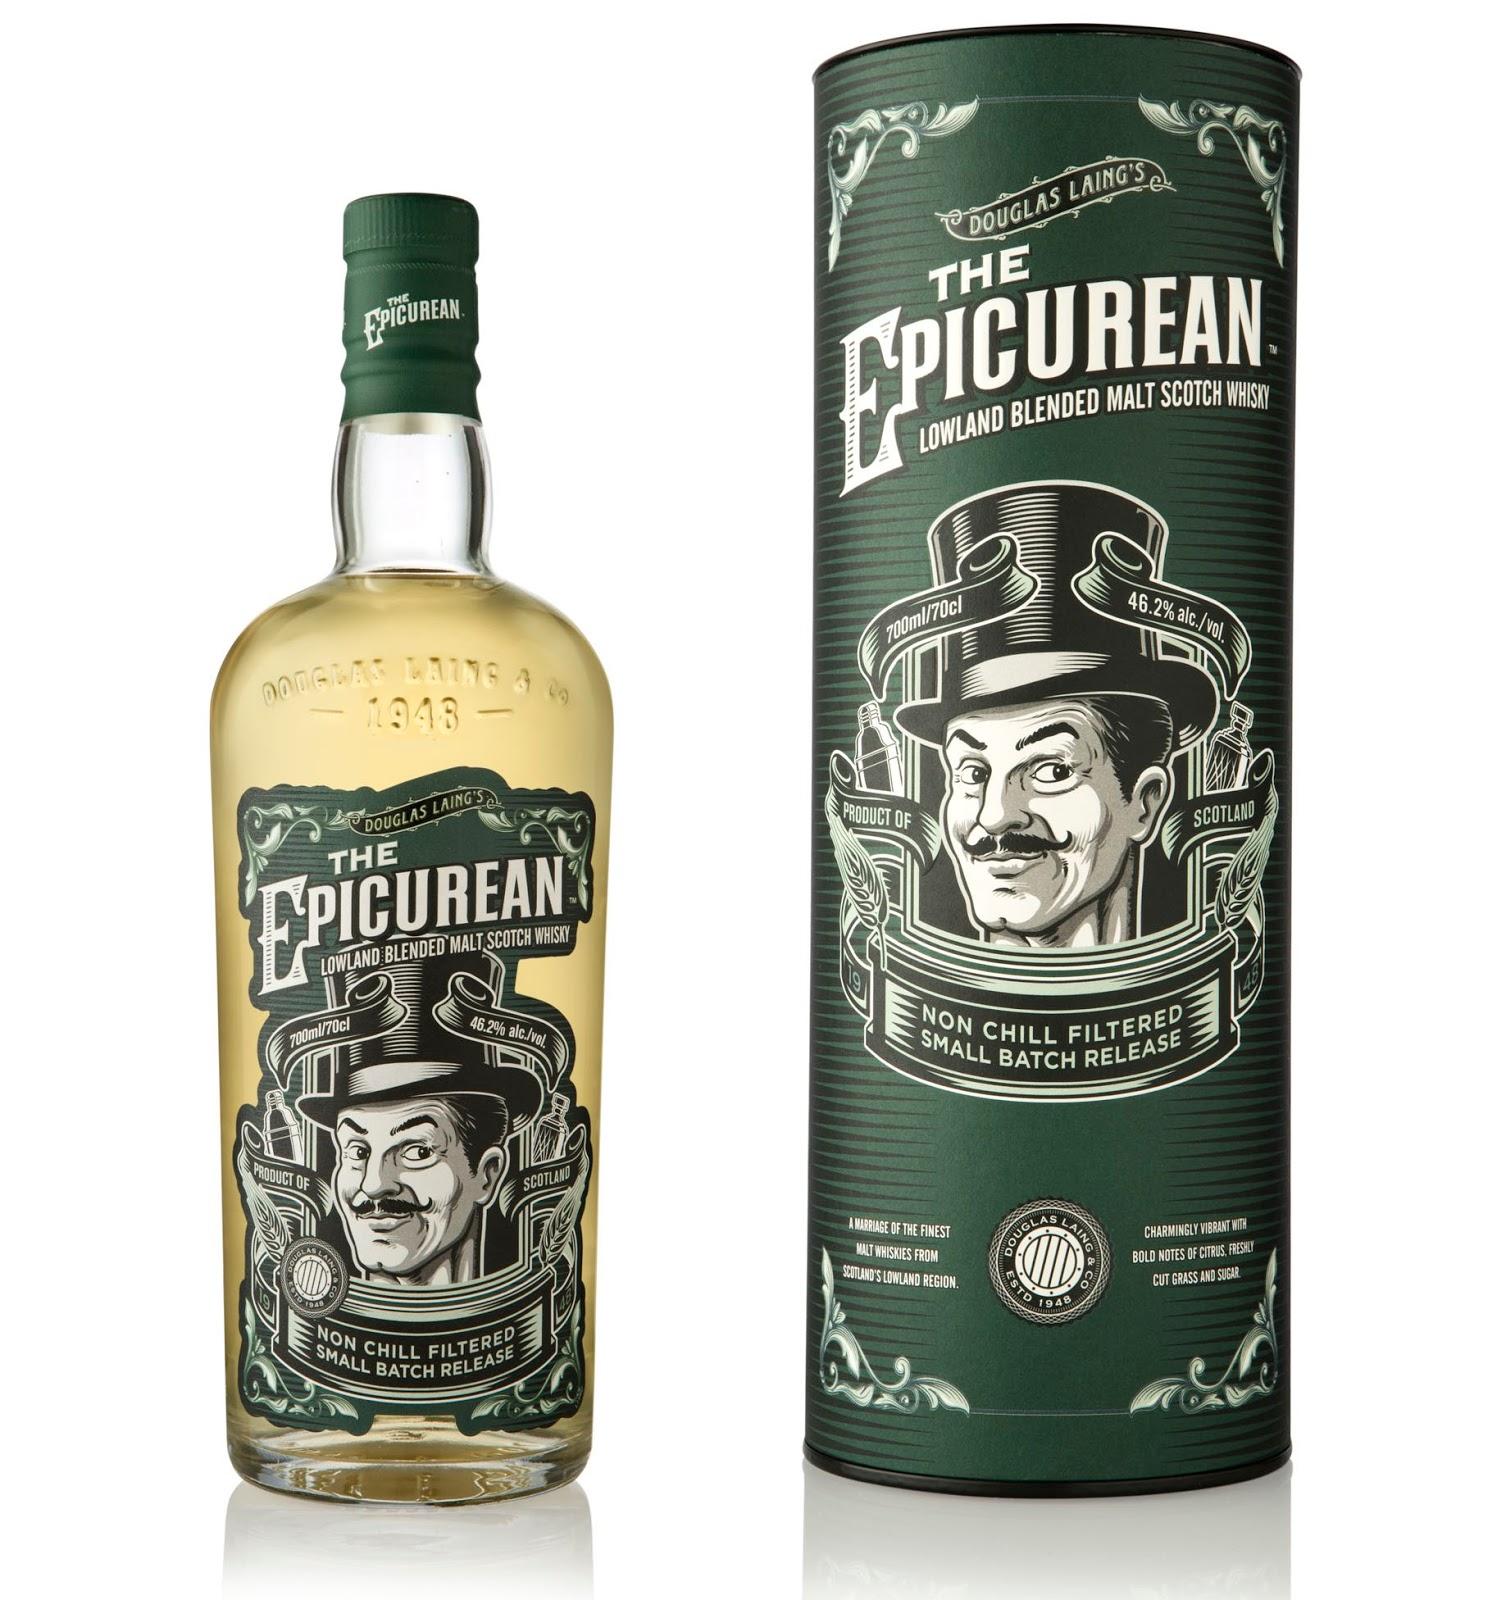 The Epicurean (46.2% ABV) от Douglas Laing & Co